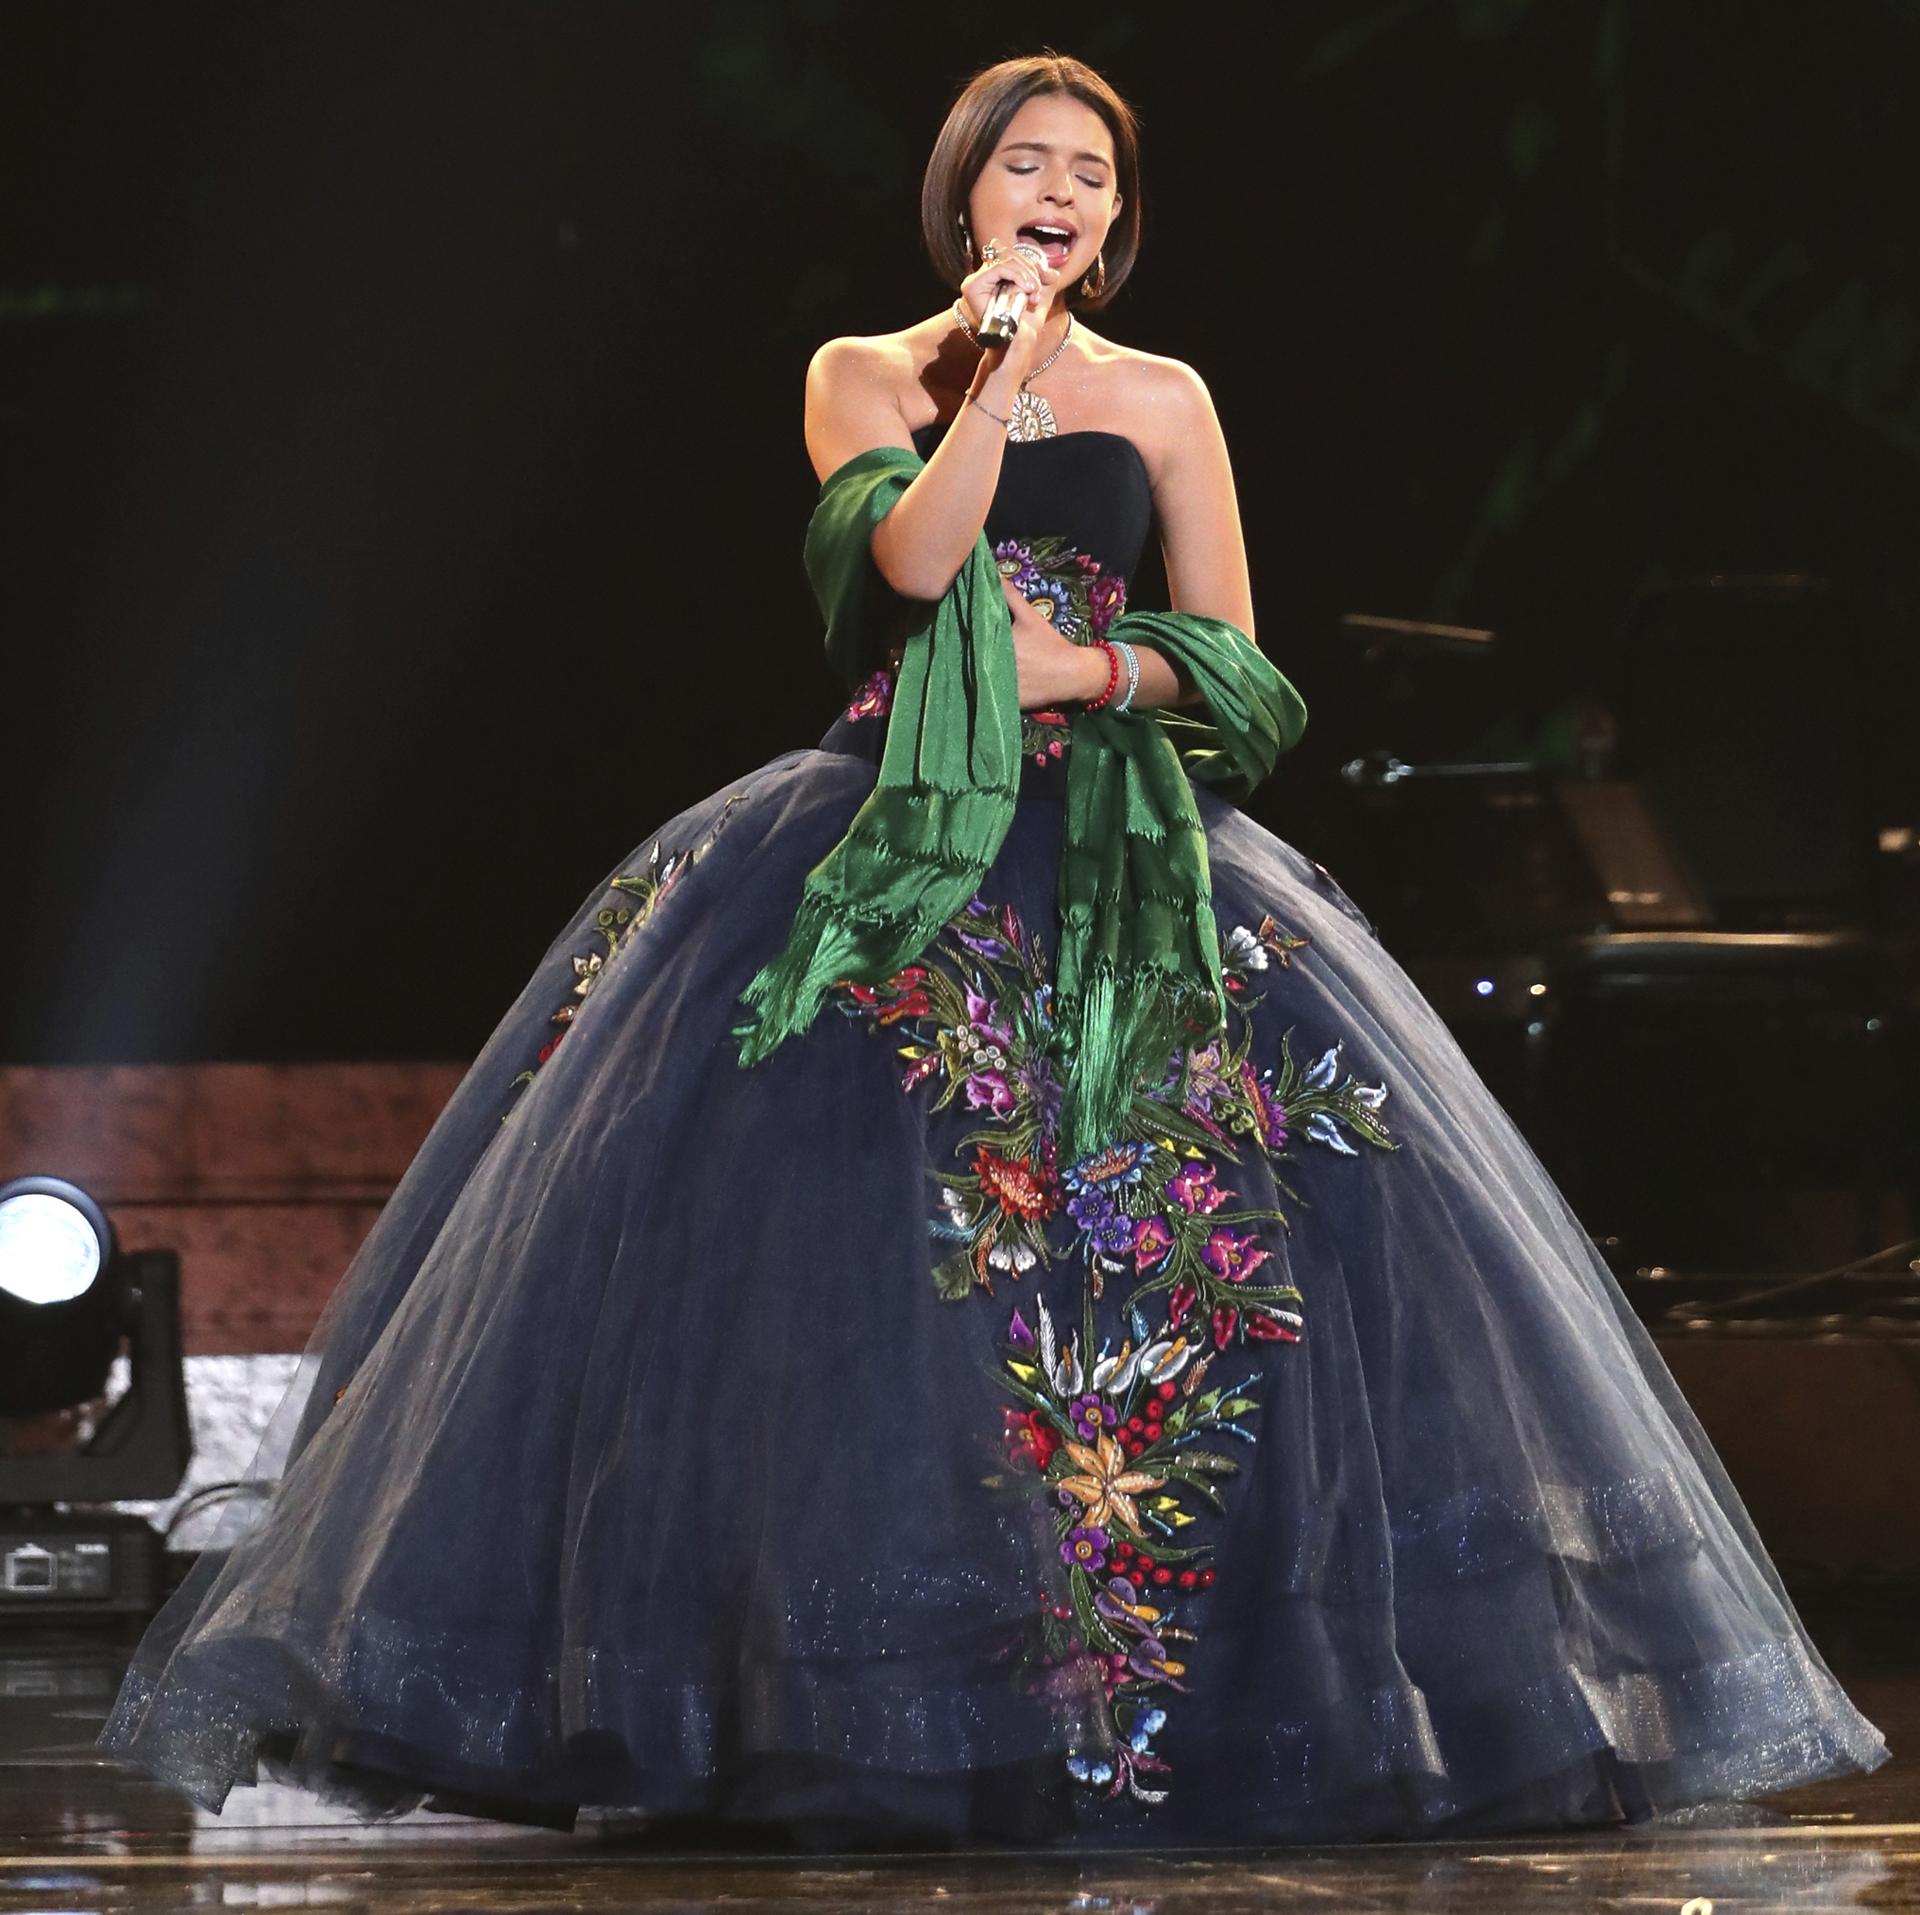 Angela Aguilar subió al escenario a cantar con un vestido princesa de tul bordado de flores y chal verde